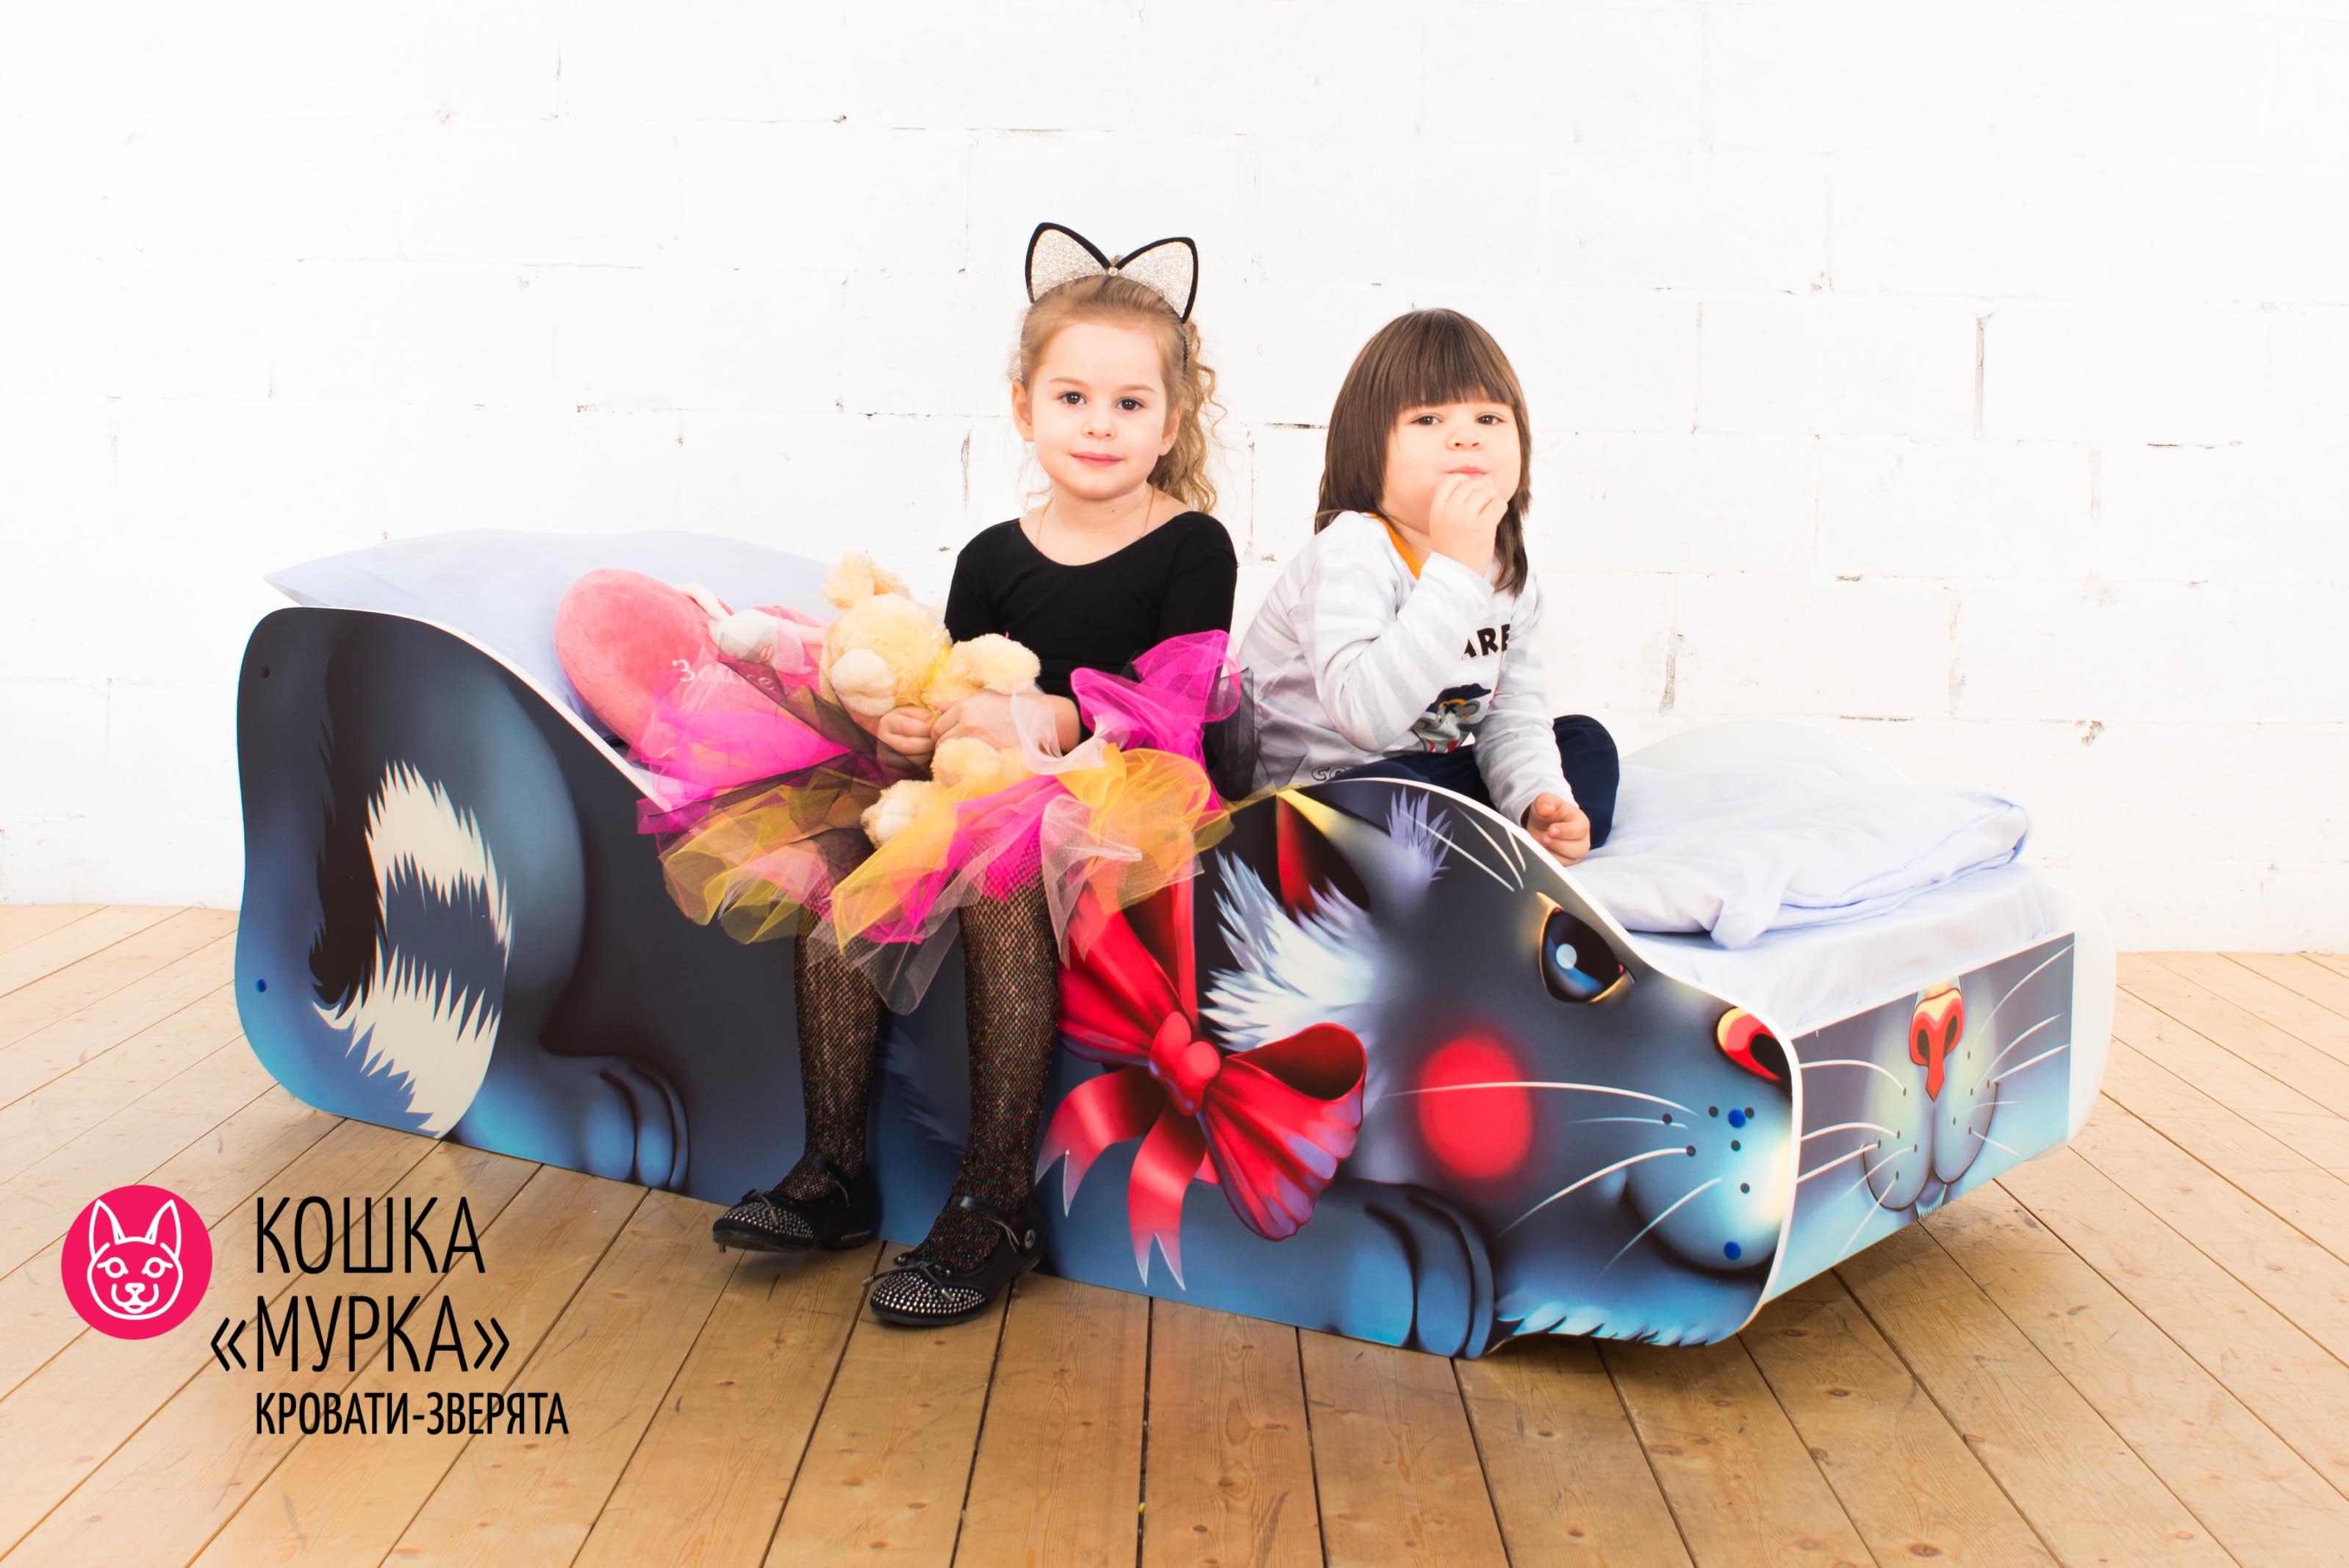 Детская кровать-зверенок -Кошка-Мурка-2